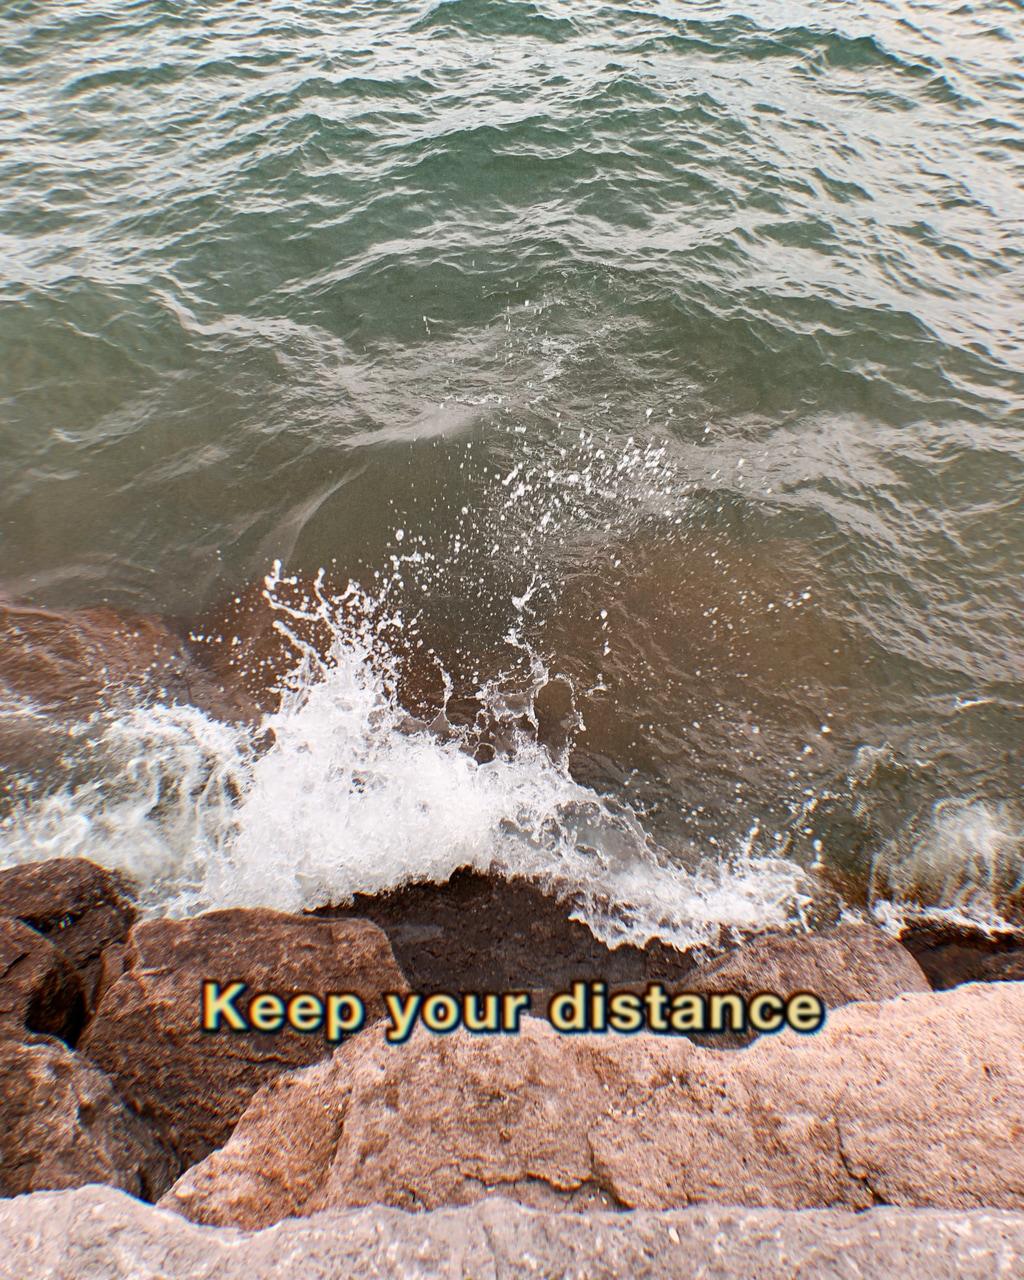 aesthetic, corona, and distance image